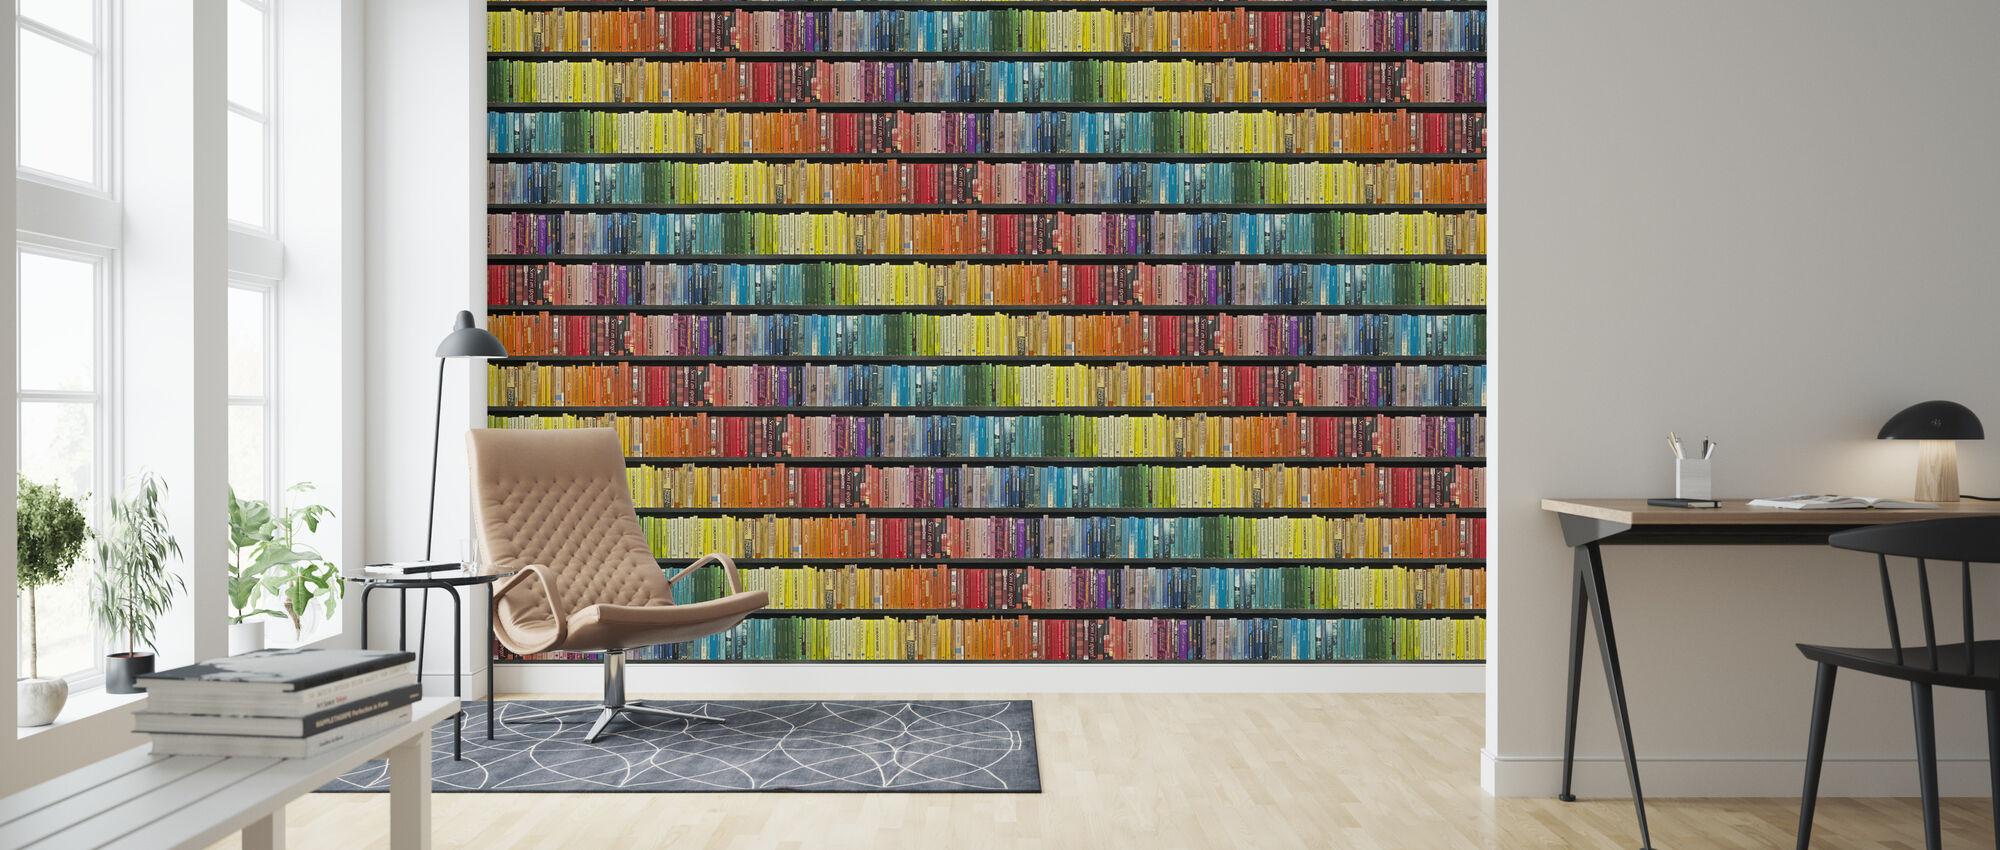 Bookshelf - Pride - Wallpaper - Living Room